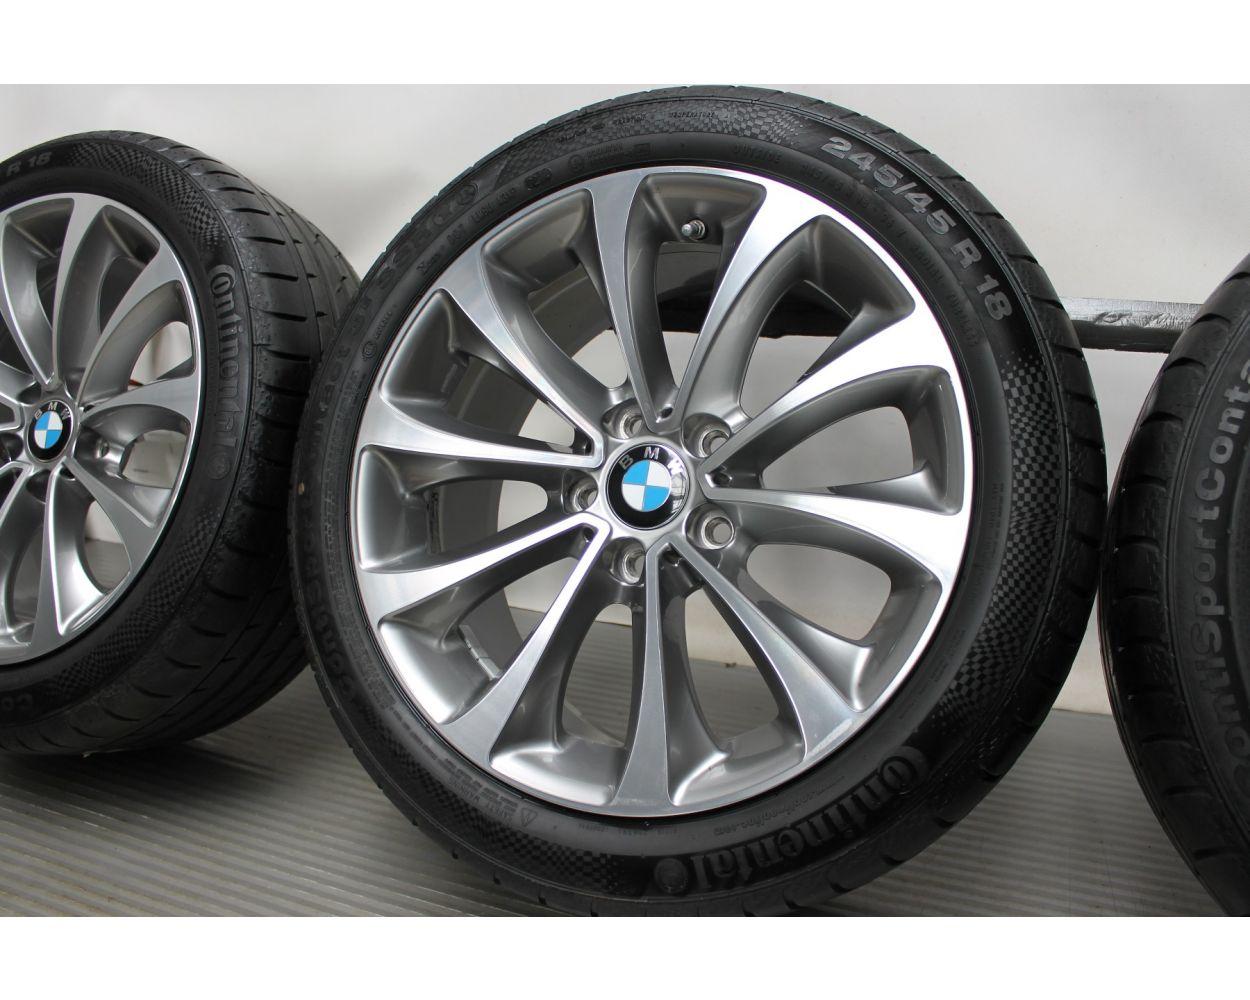 Bmw Winter Wheels 5er F10 F11 6er F06 F12 F13 V Spoke 328